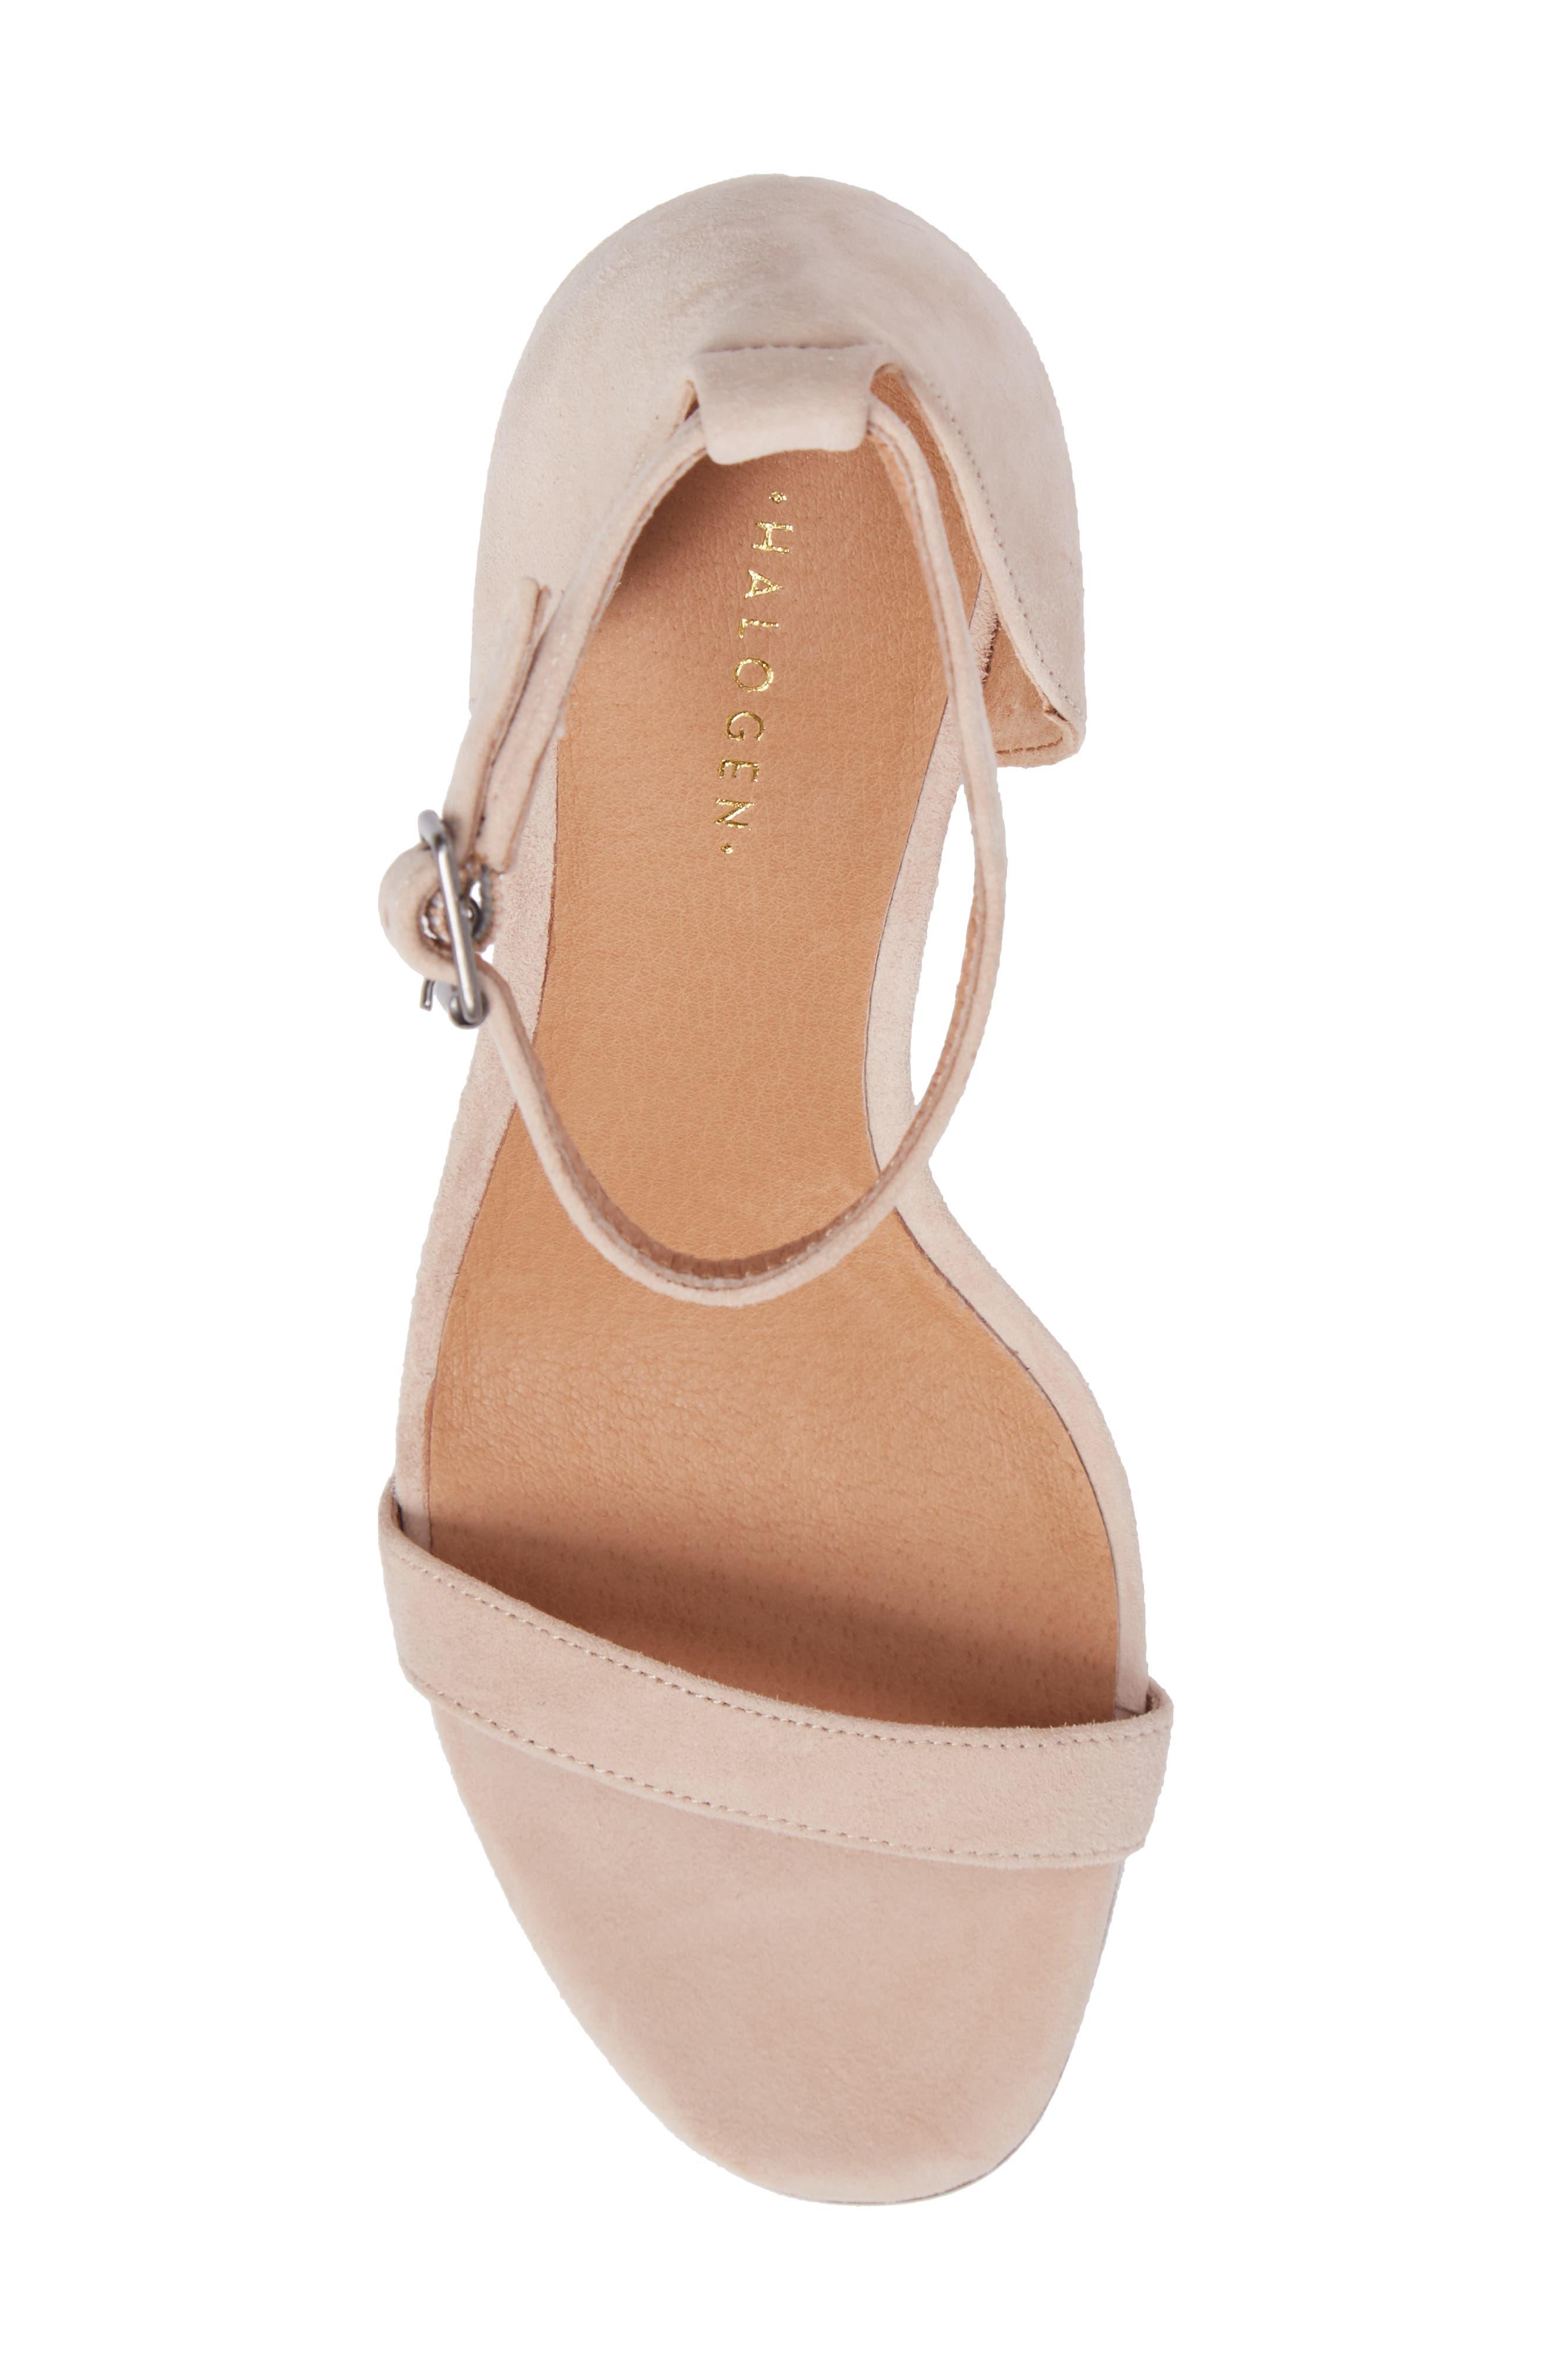 Audrey Ankle Strap Sandal,                             Alternate thumbnail 99, color,